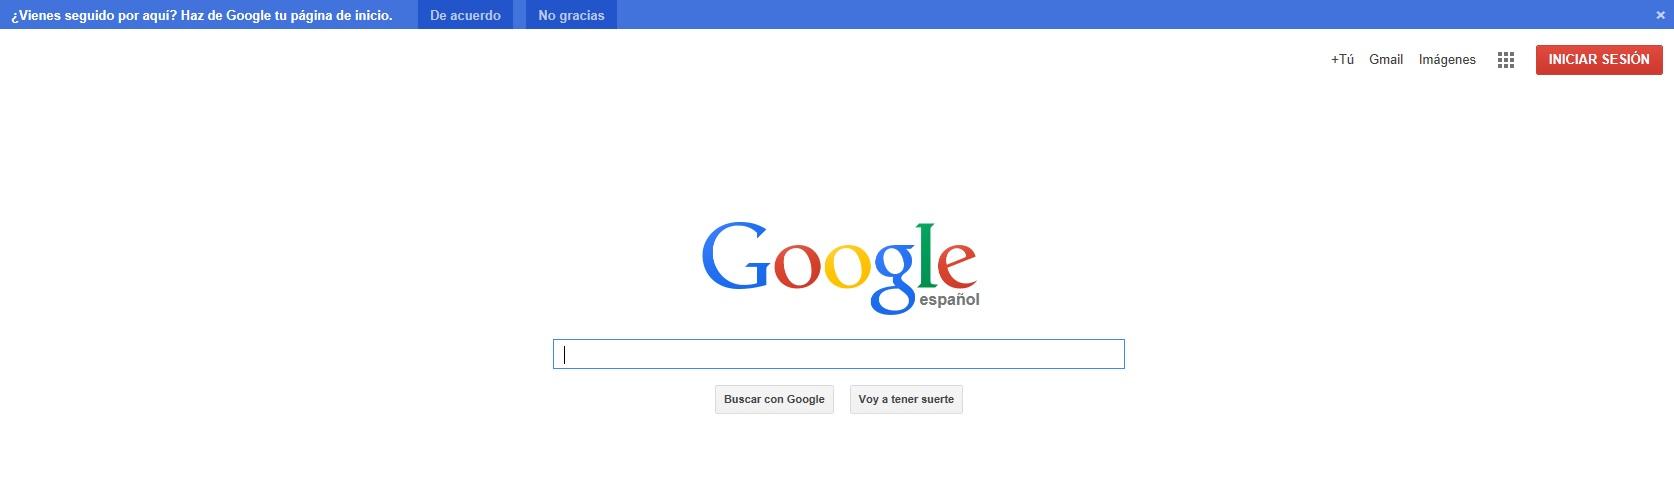 Google nuevo diseño y logotipo